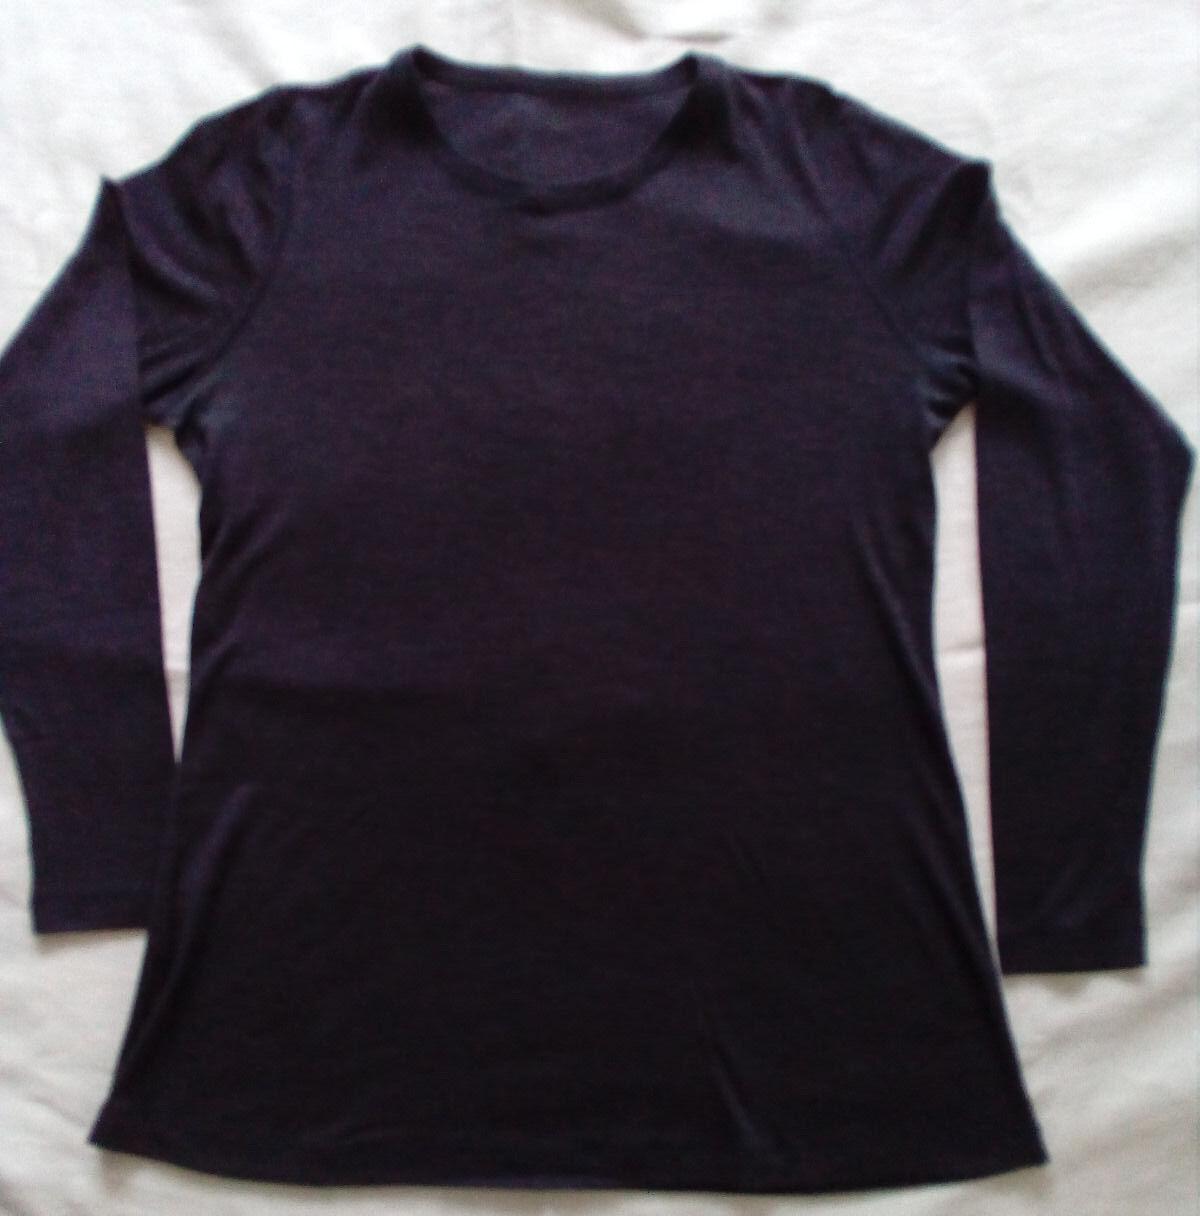 Tunika Shirt - Wolle - dehnbar  - anthrazit - Lagenlook - im Rundholz Beutel